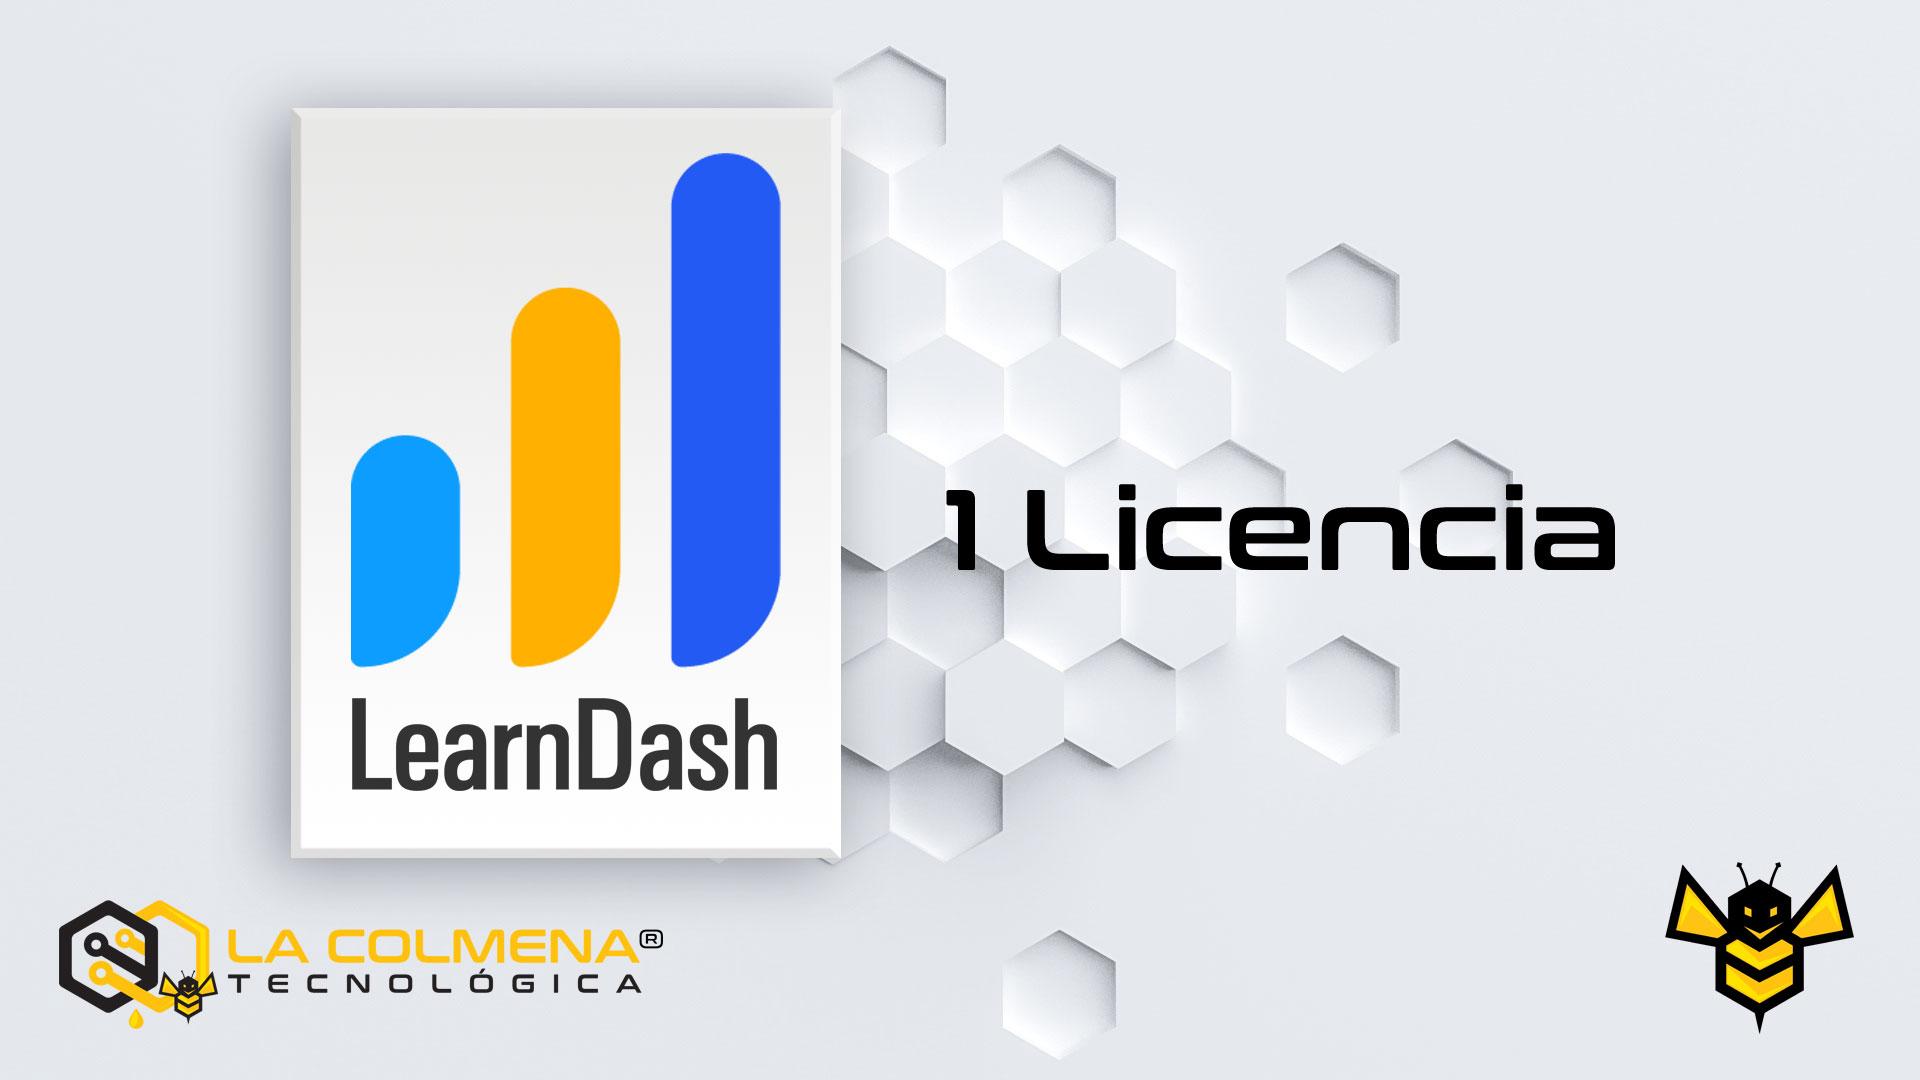 1 Licencia de LearnDash